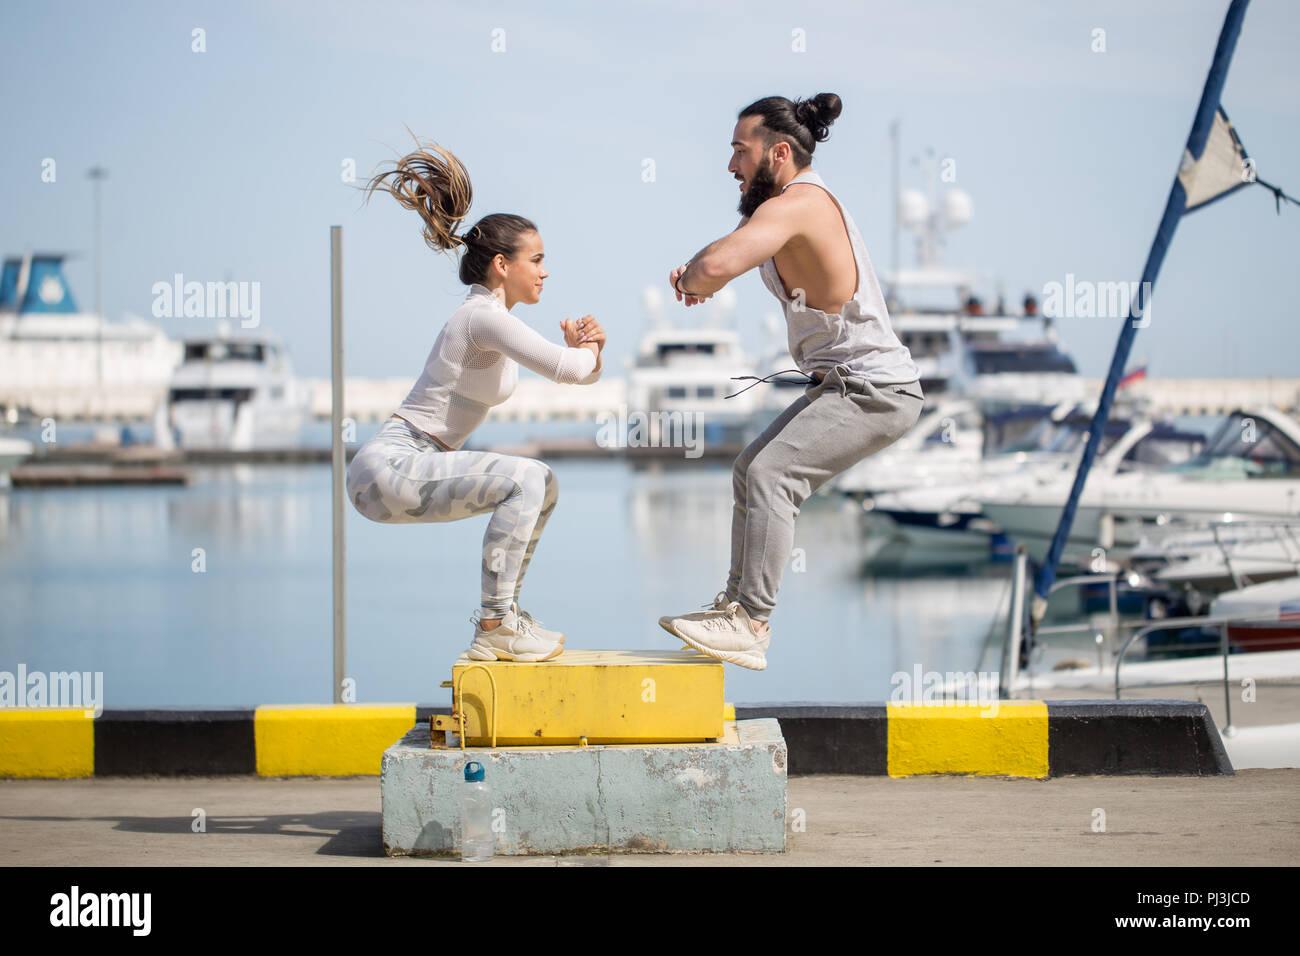 L'athlète masculin et féminin est l'exécution de sauts de l'extérieur. Photo Stock